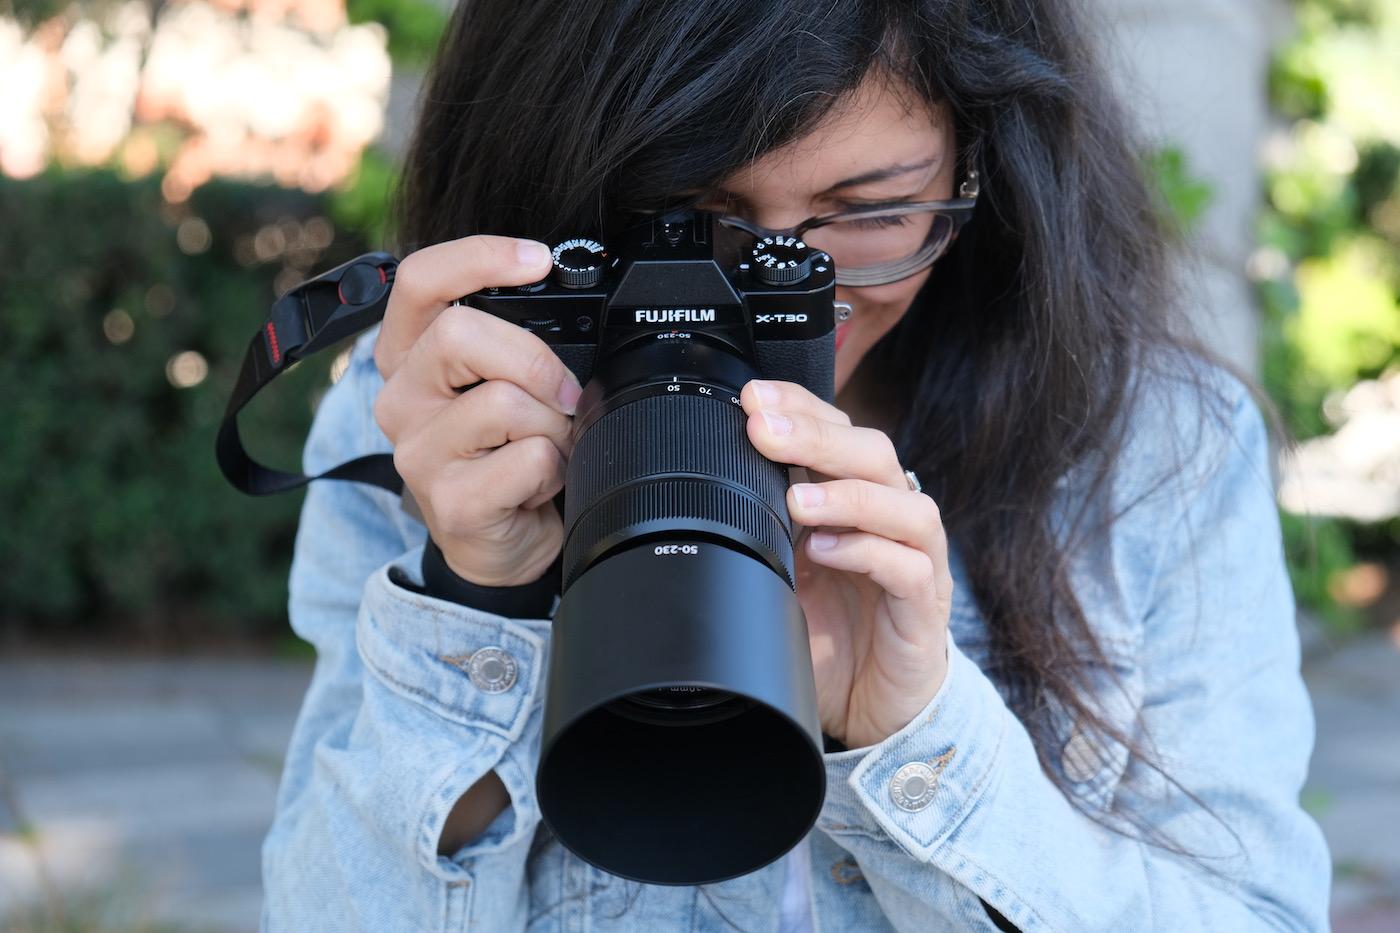 Fujifilm XC 50-230 mm